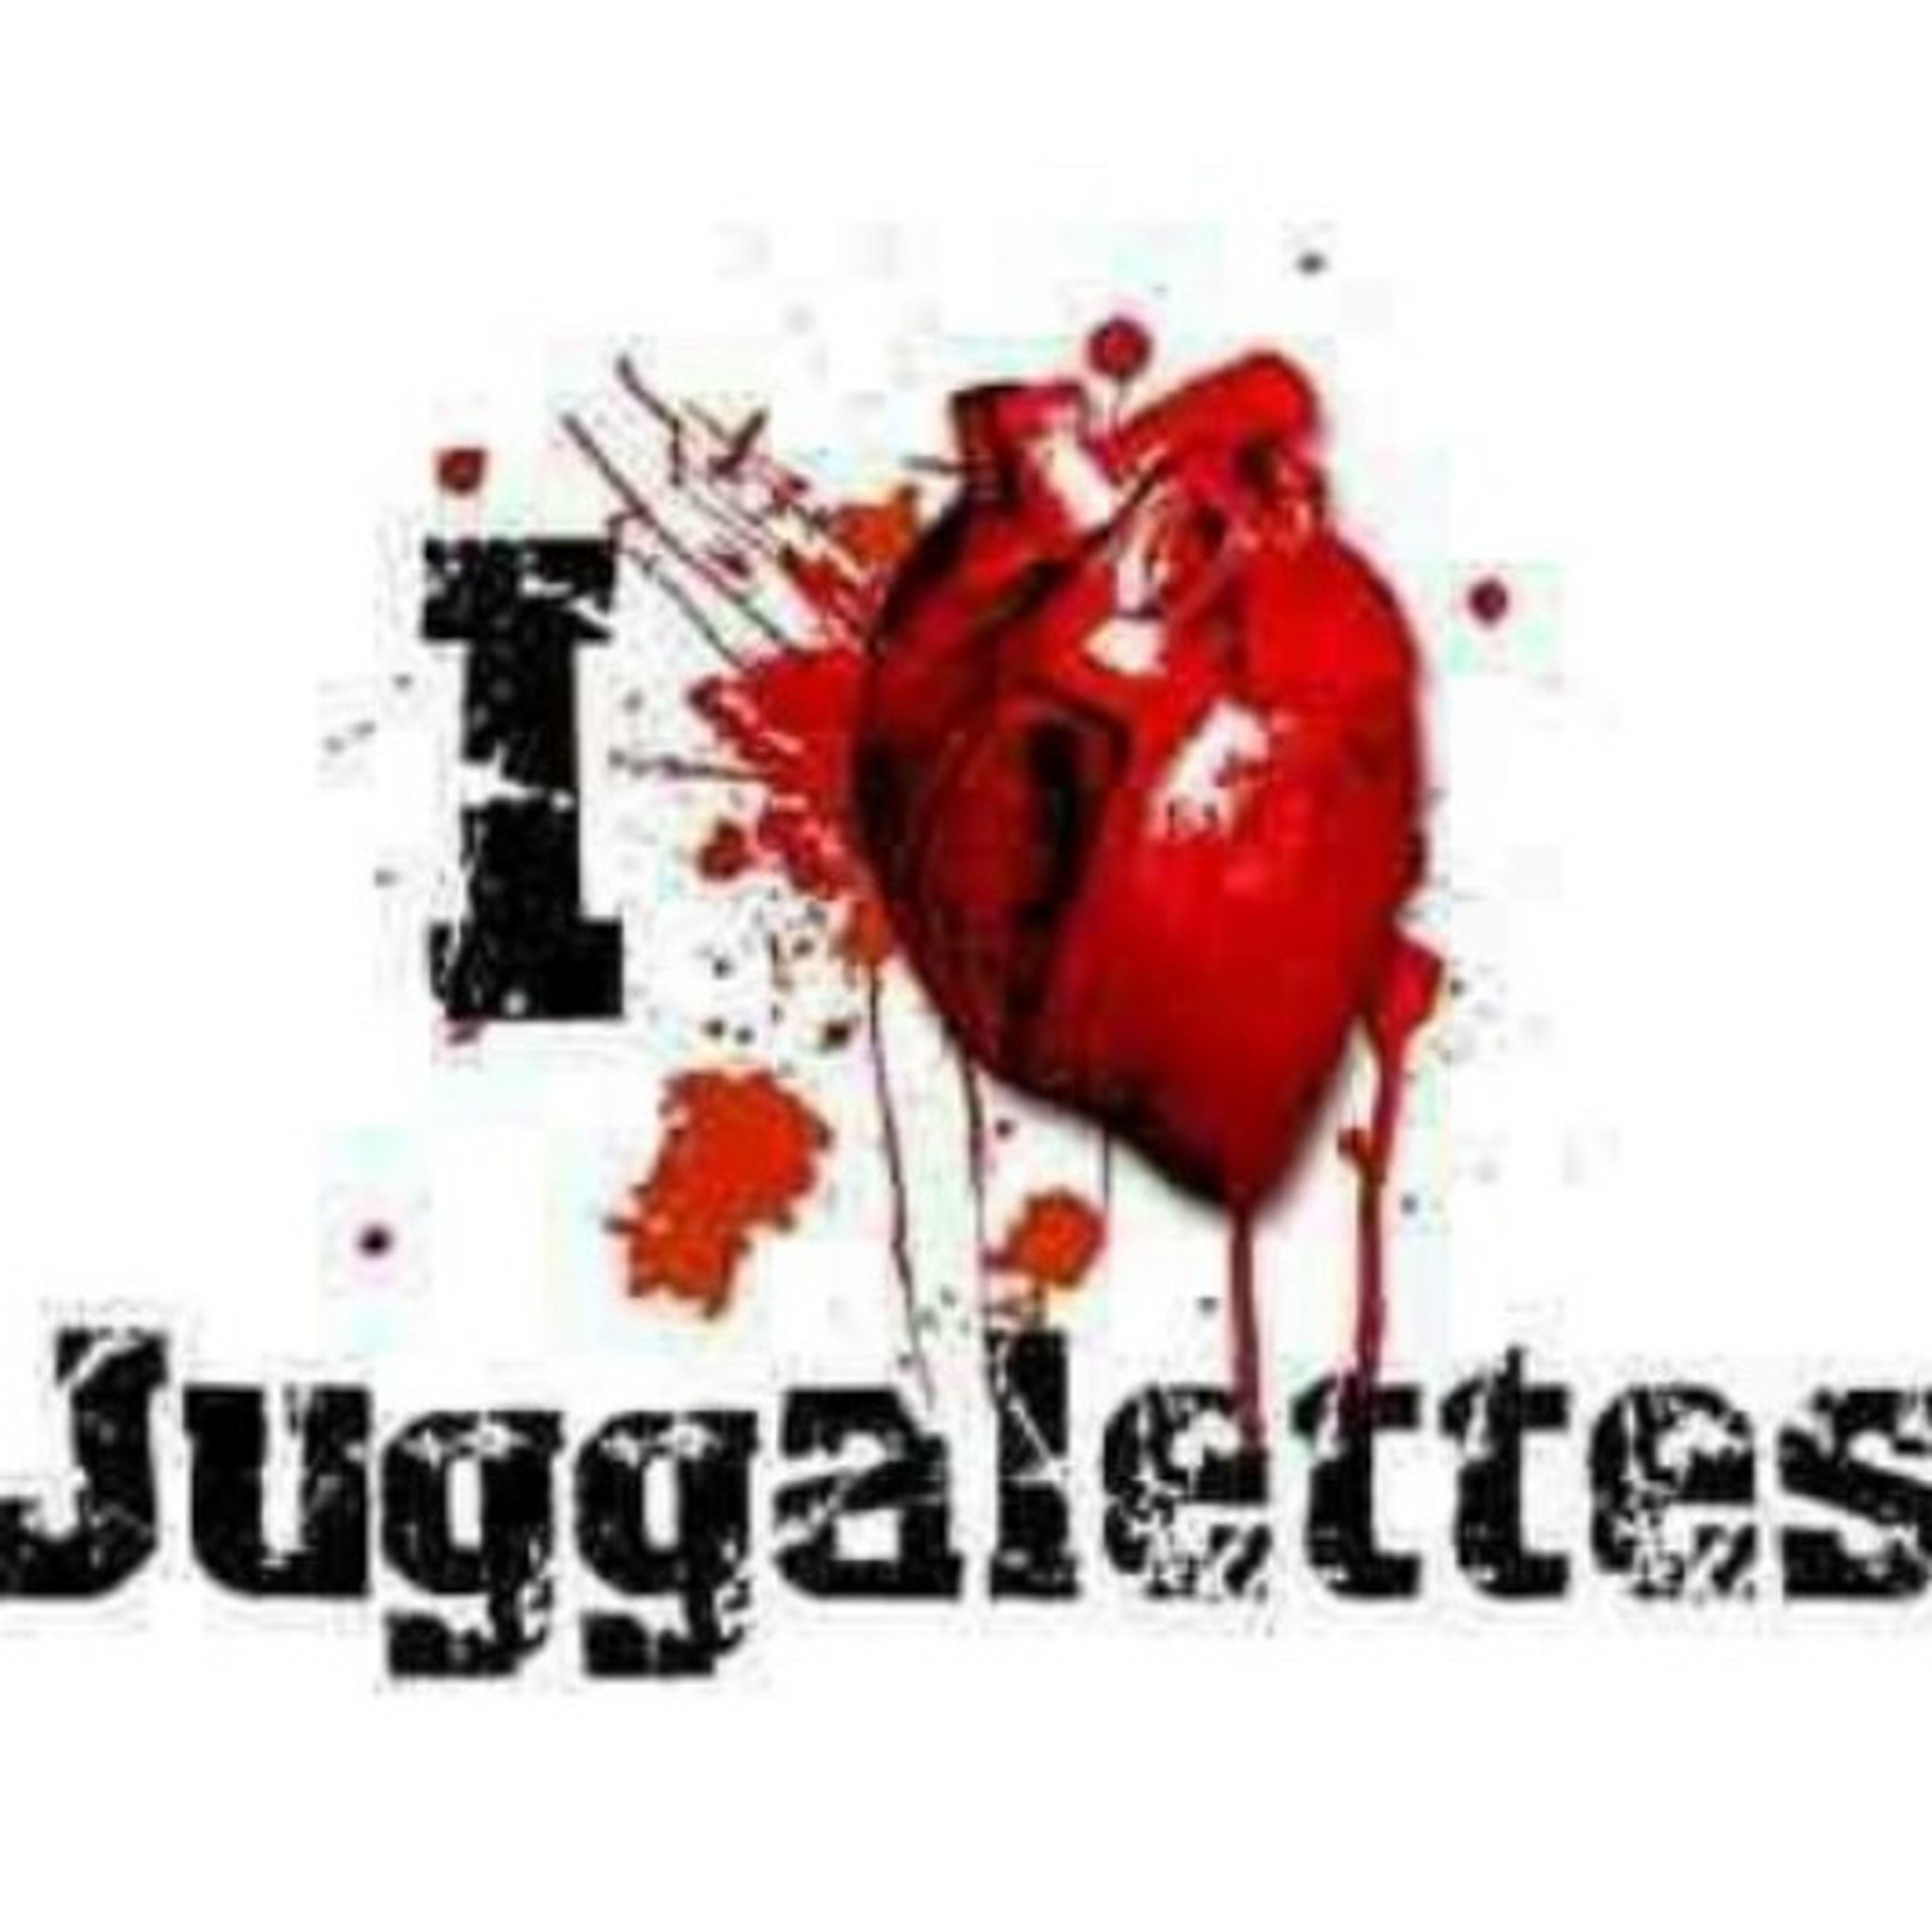 Juggalo Familys Juggalo Pride Lette's Whoop Whoop